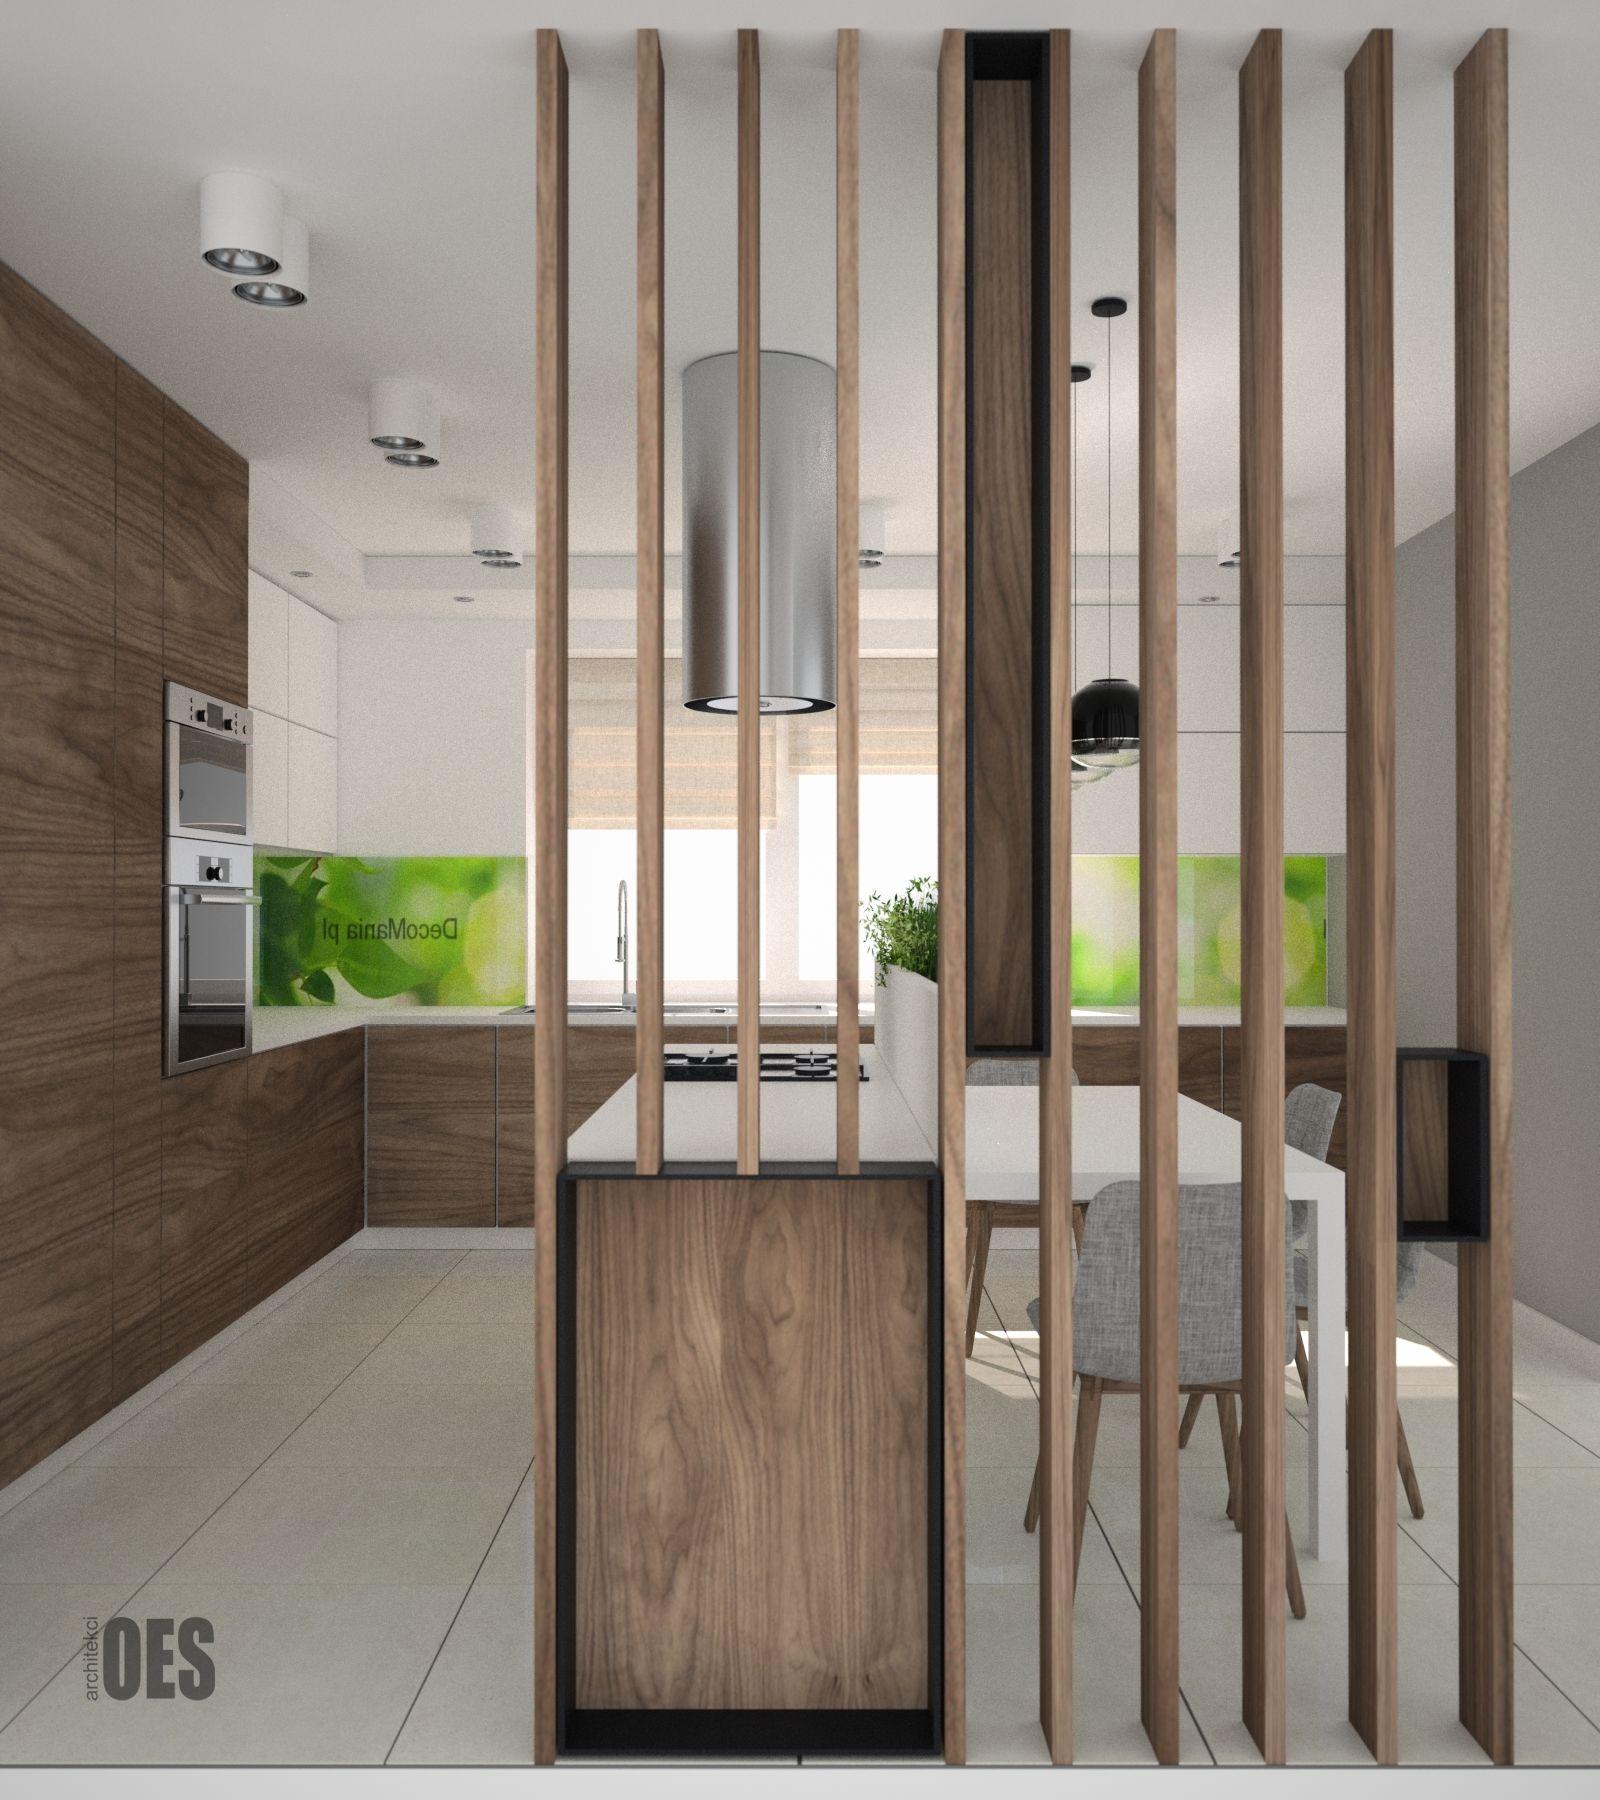 Salon Ceneo Pl Modern Room Divider Hanging Room Dividers Living Room Divider